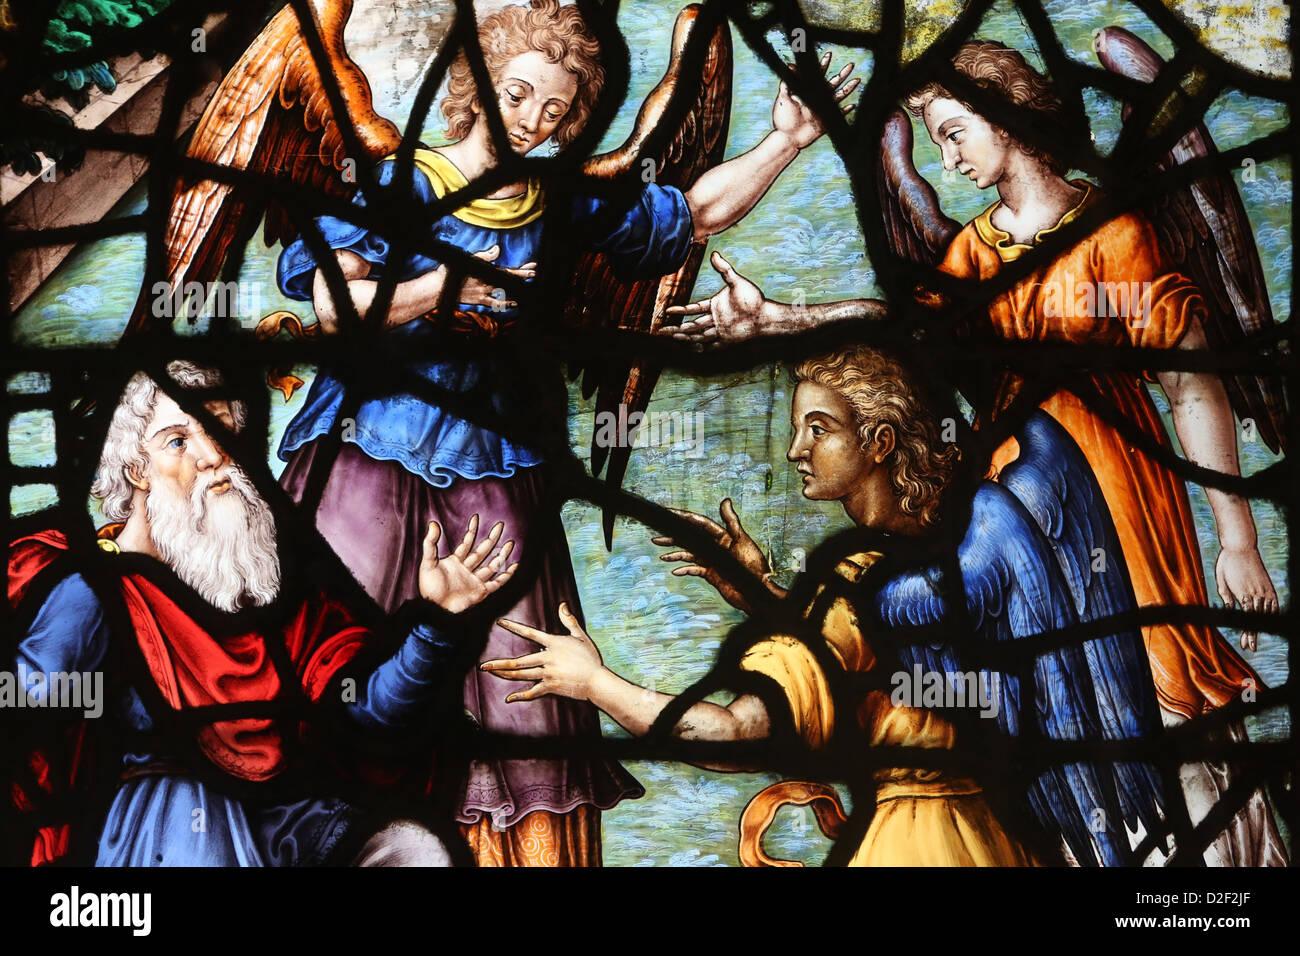 Saint Etienne du Mont iglesia. Las vidrieras del siglo 17. Abraham y los ángeles, París. Francia. Imagen De Stock